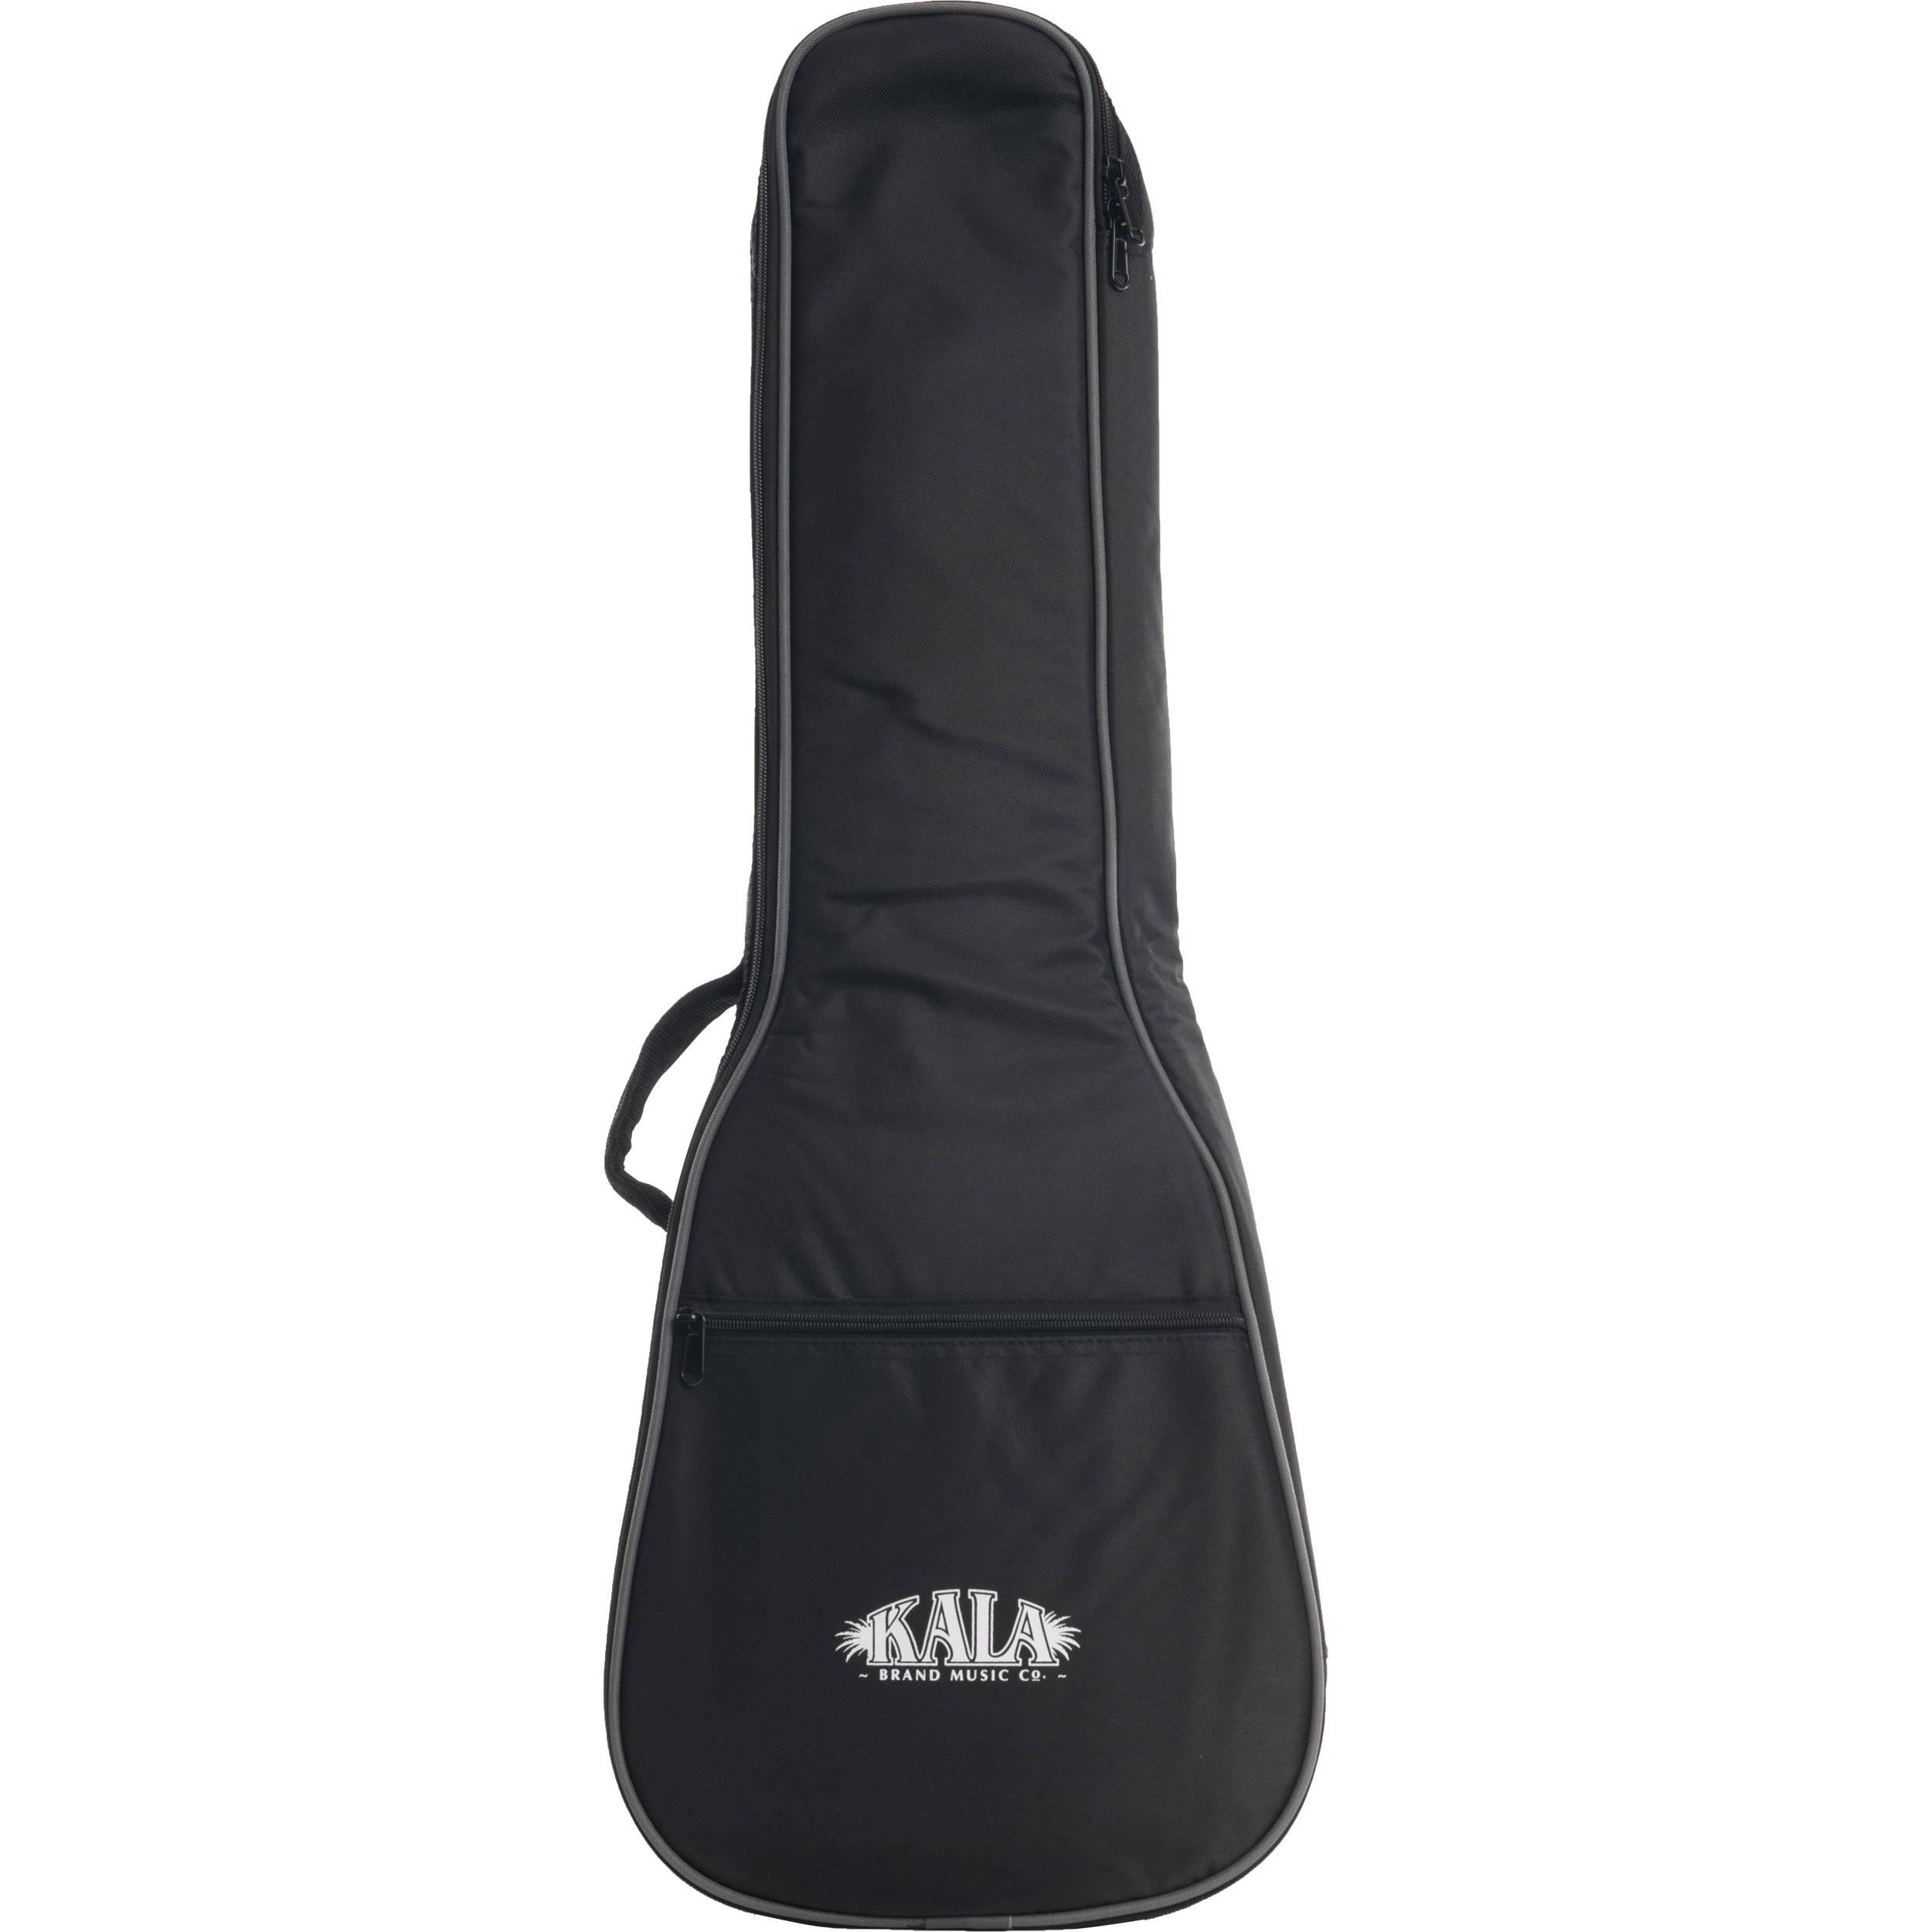 Kala UB-C-LOGO Concert Ukulele Soft Bag with Logo